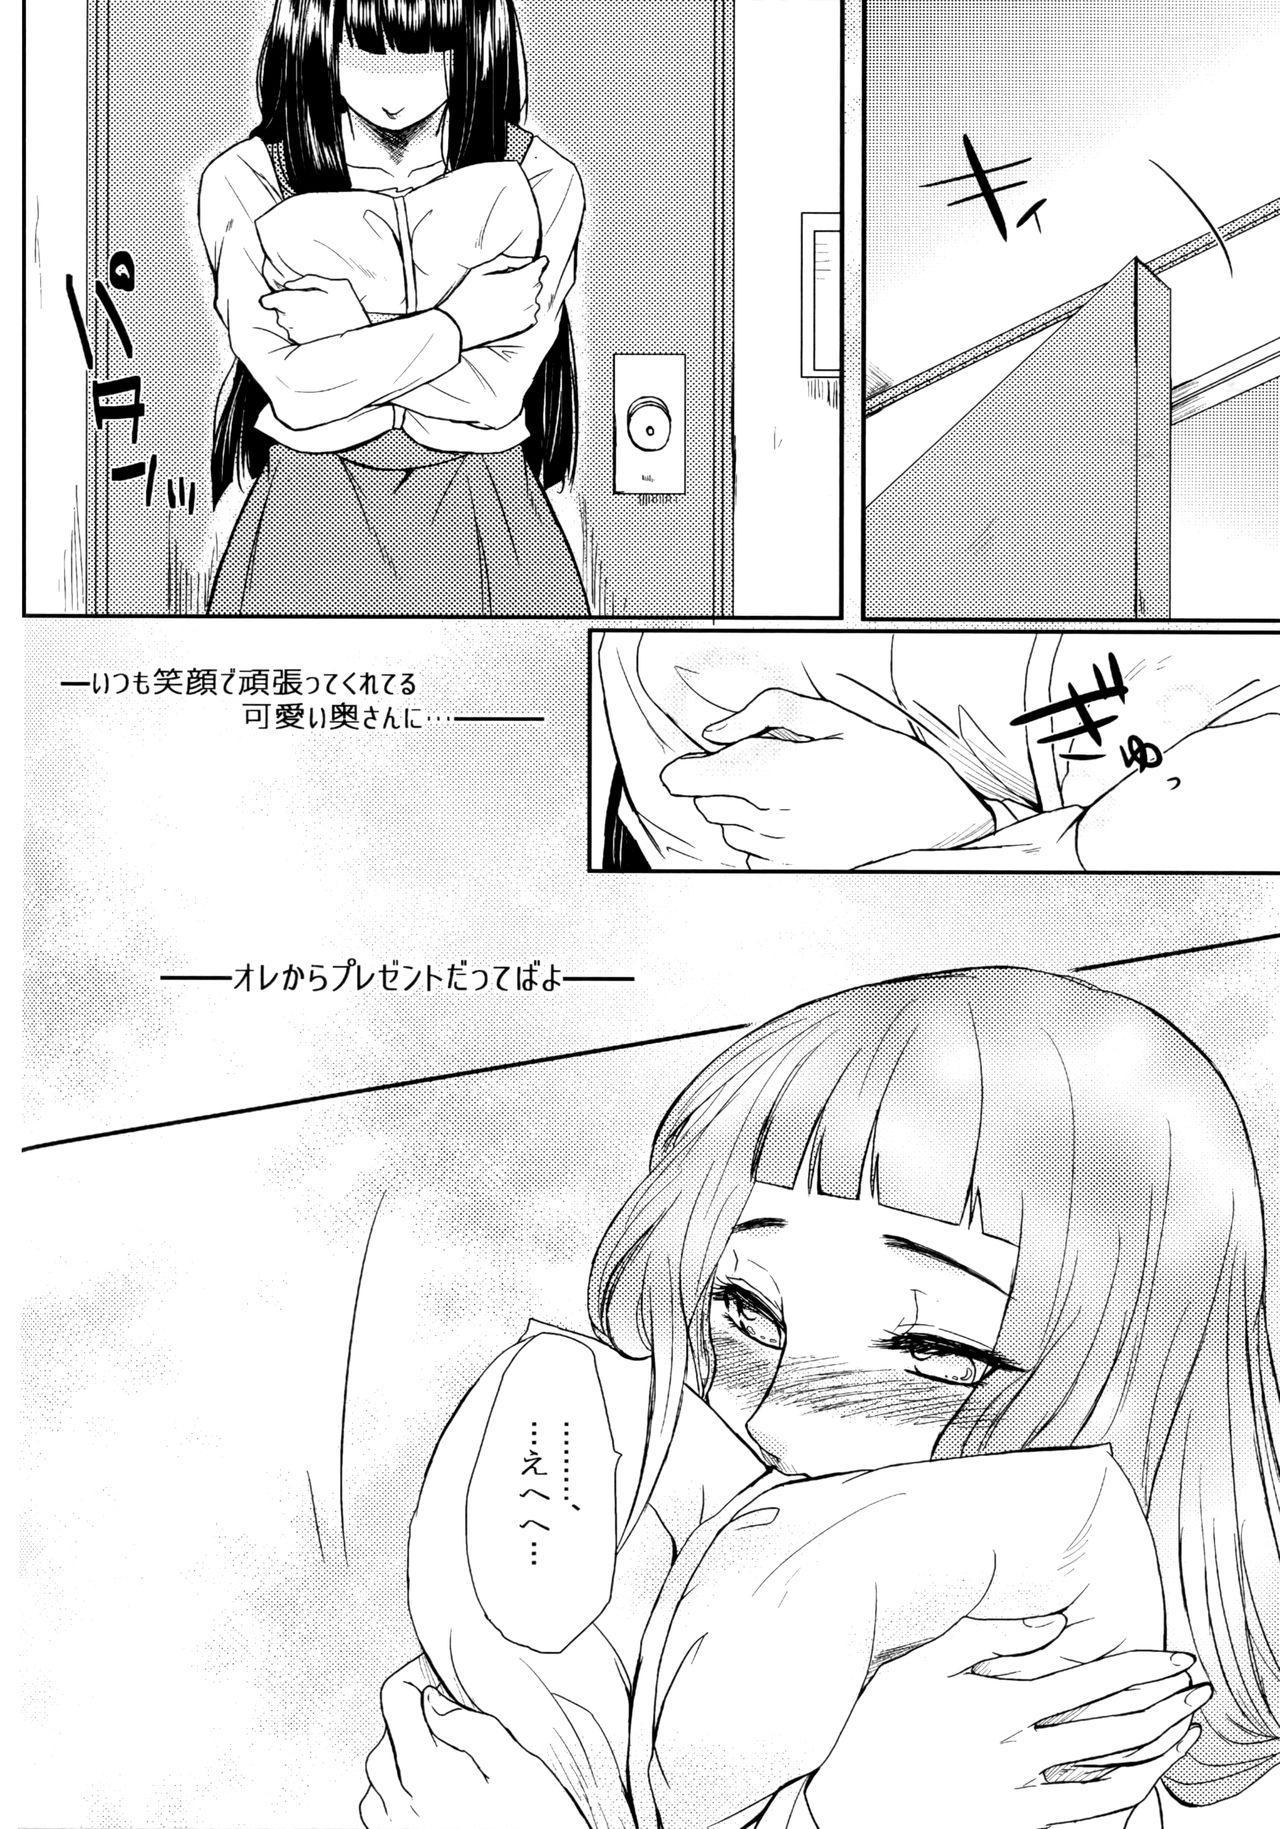 Fuyuiro Memories - Winter Color Memories 192